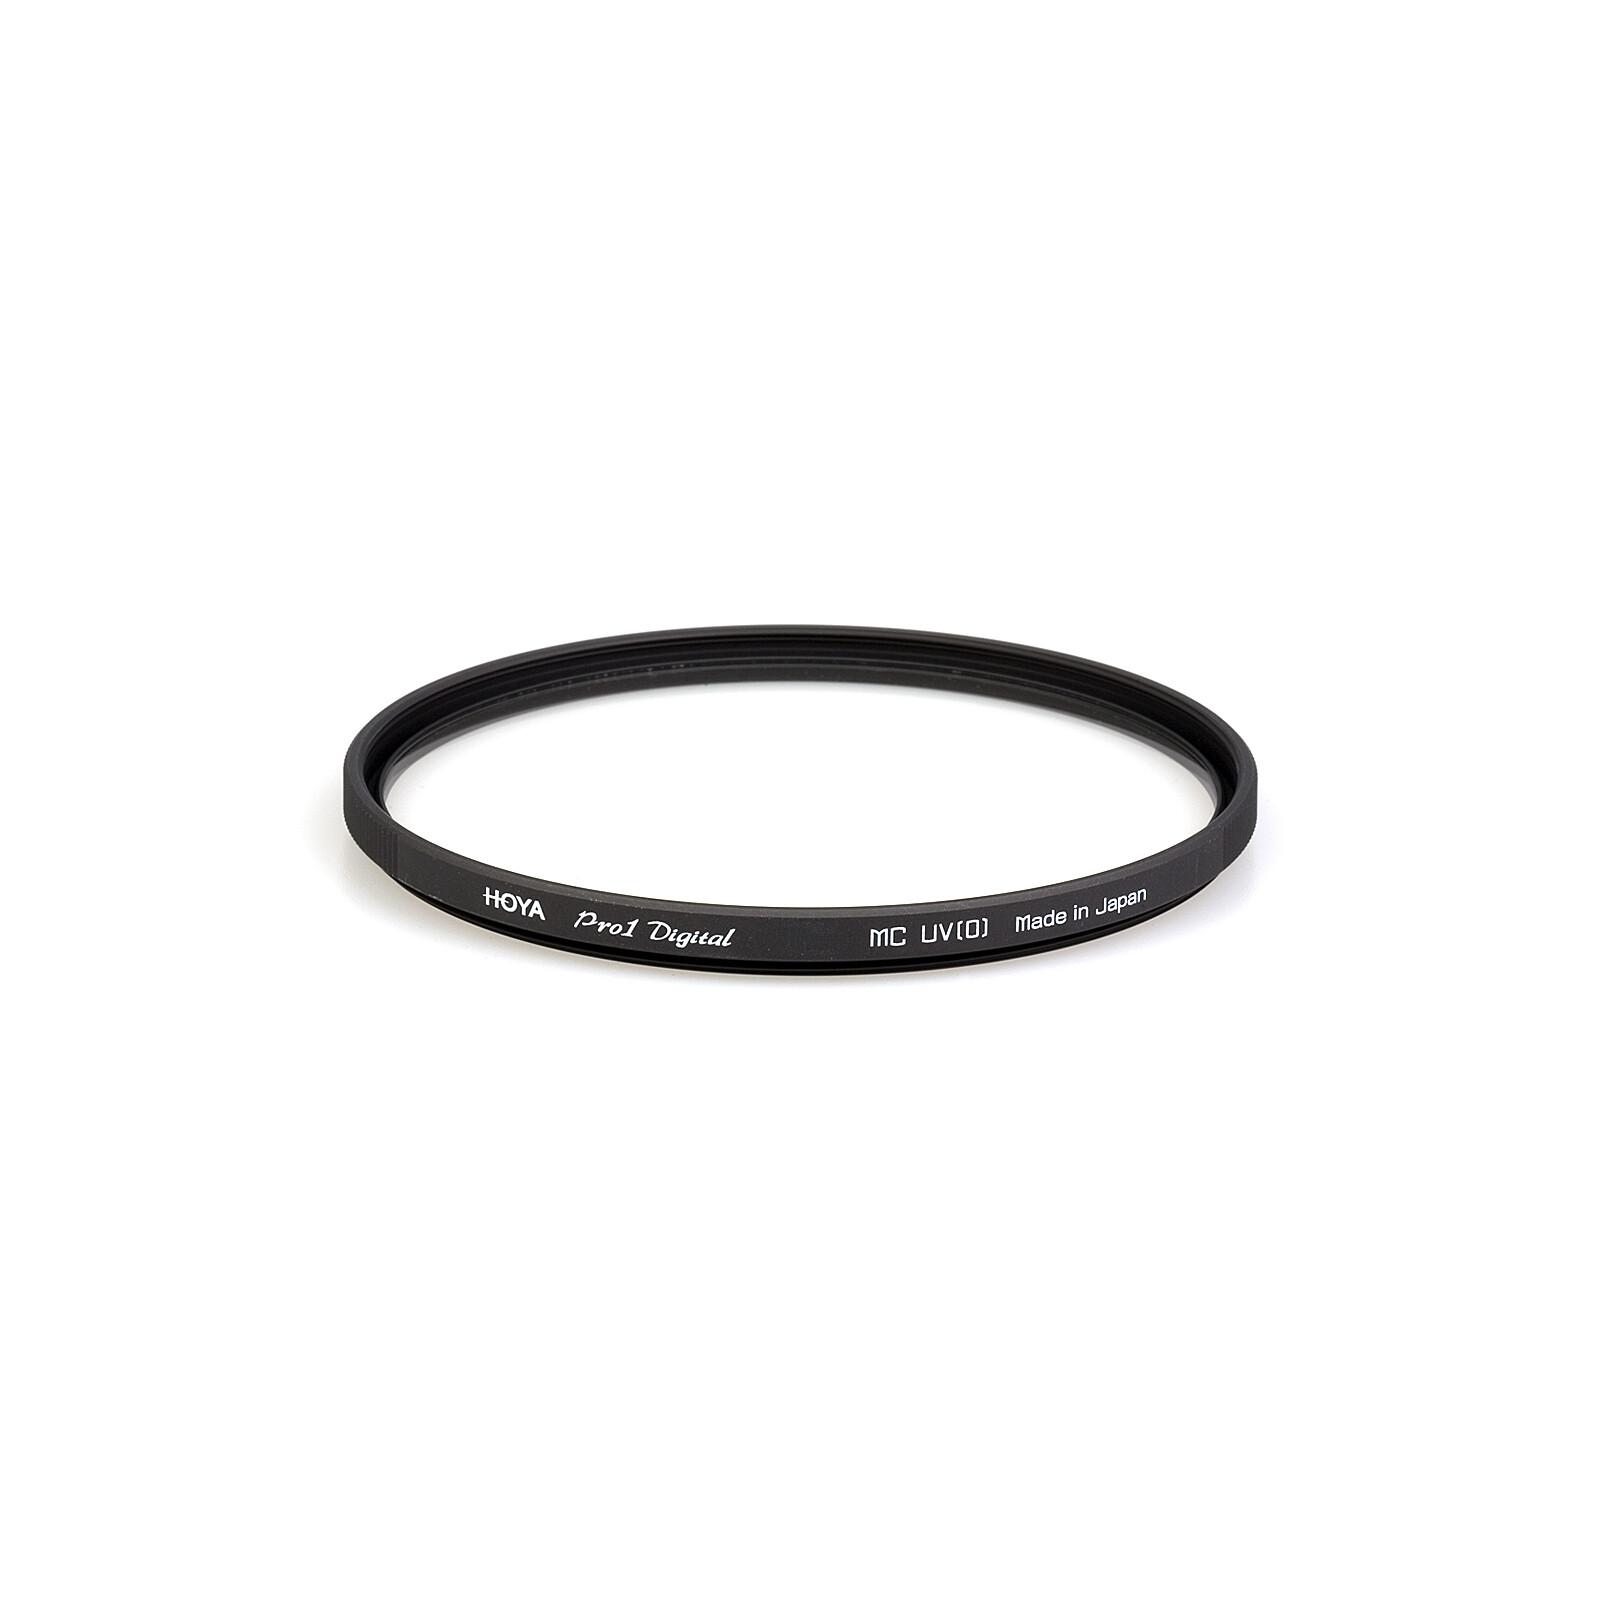 Hoya UV PRO1-DG 58mm